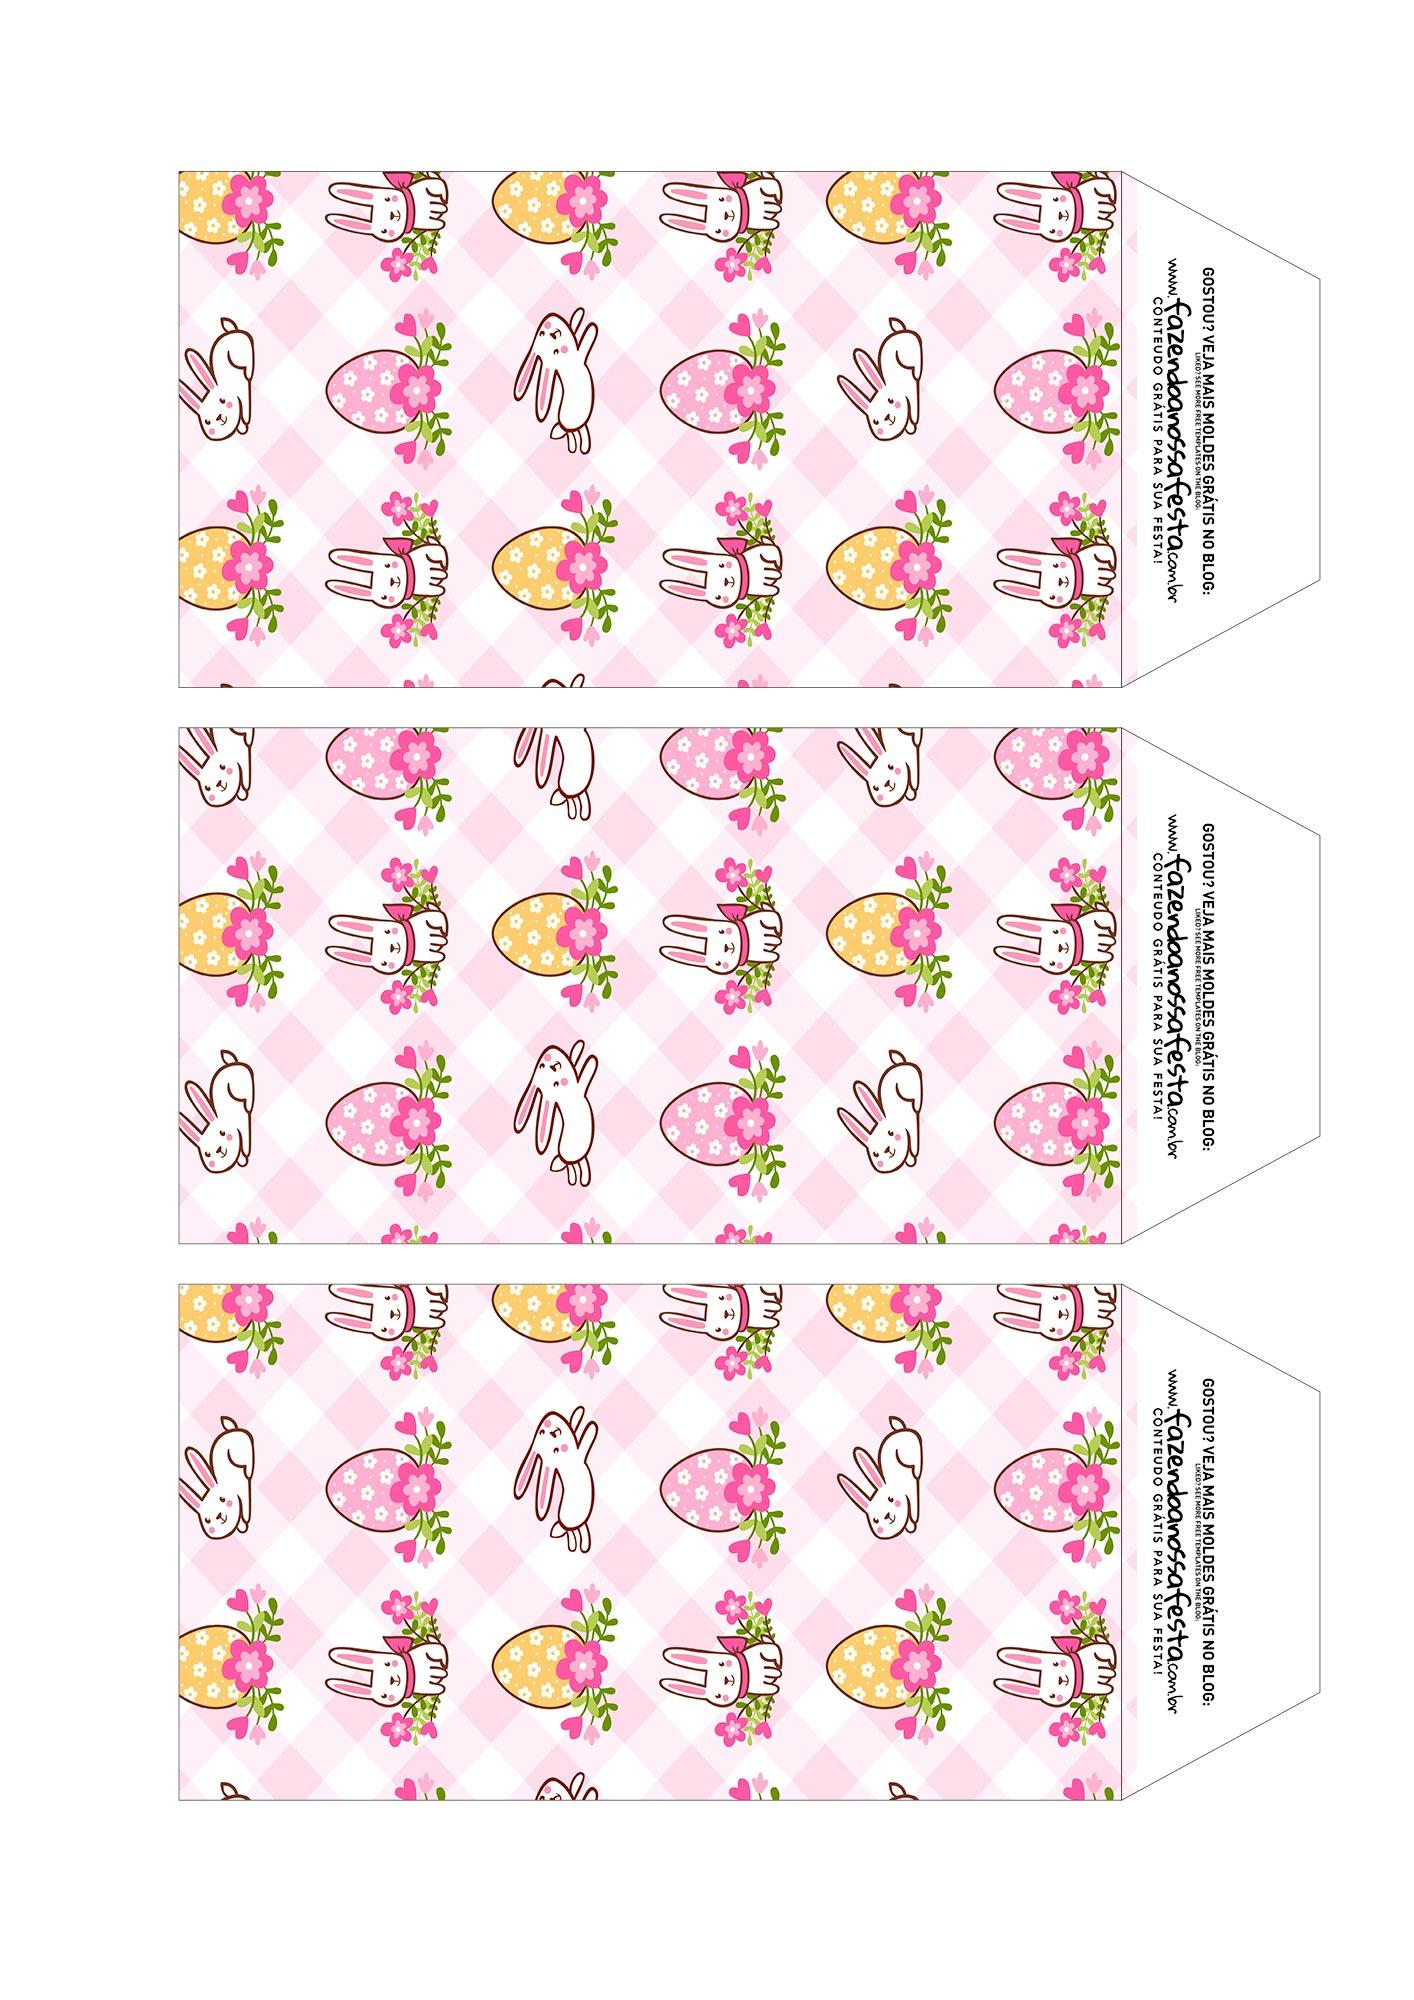 Caixa Explosao Coelha Rosa parte 7